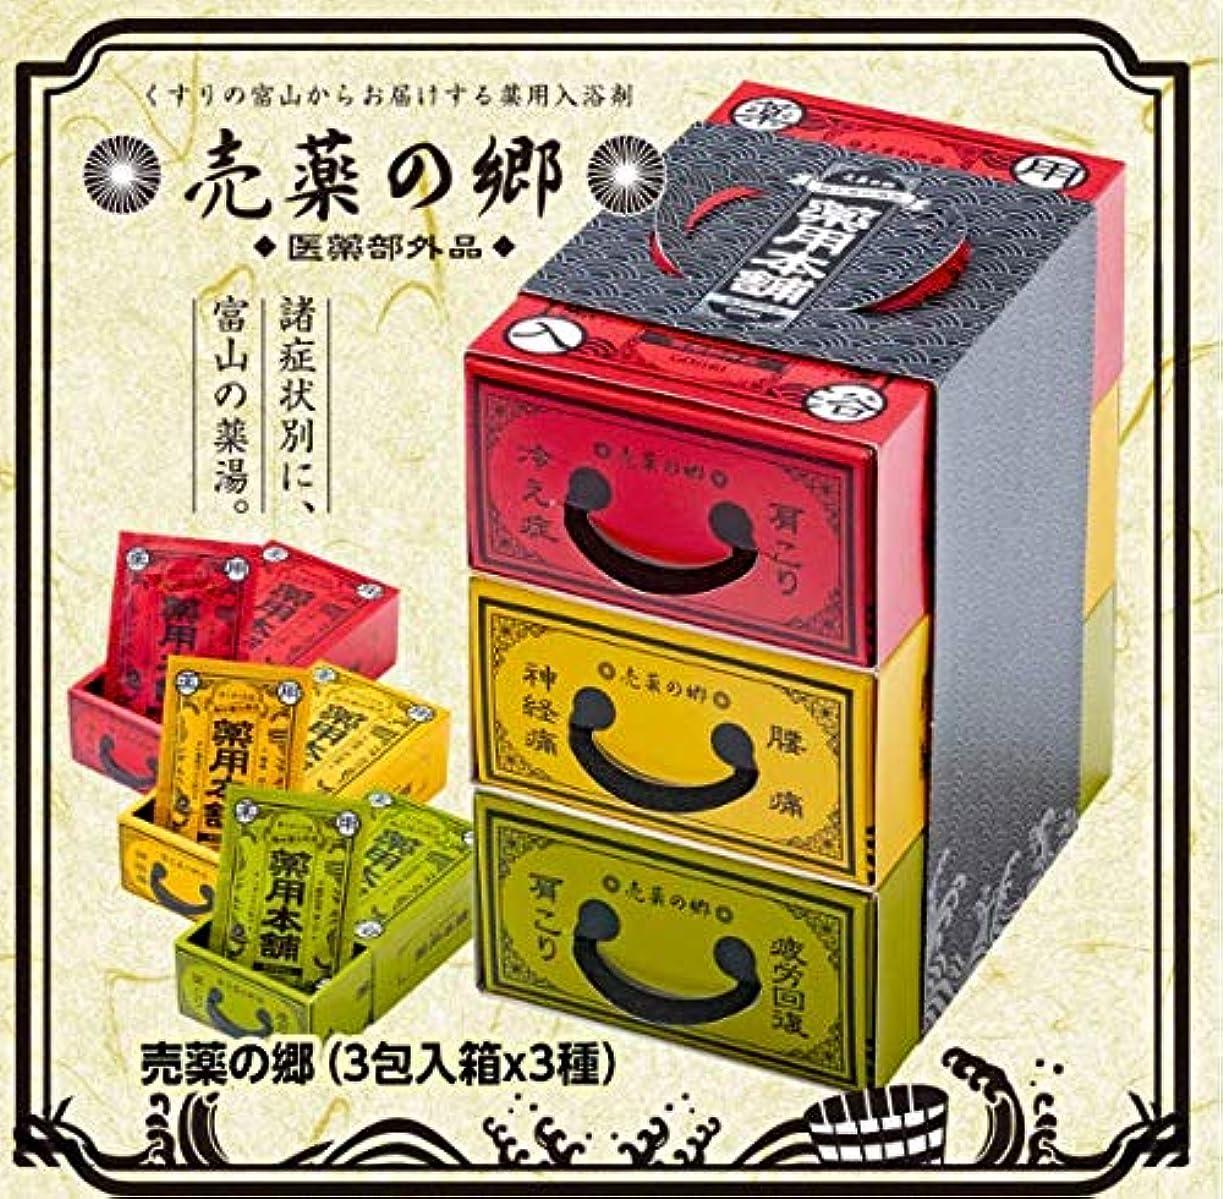 コイン近代化五洲薬品 売薬の郷 薬用本舗 3箱セット BYS-G3